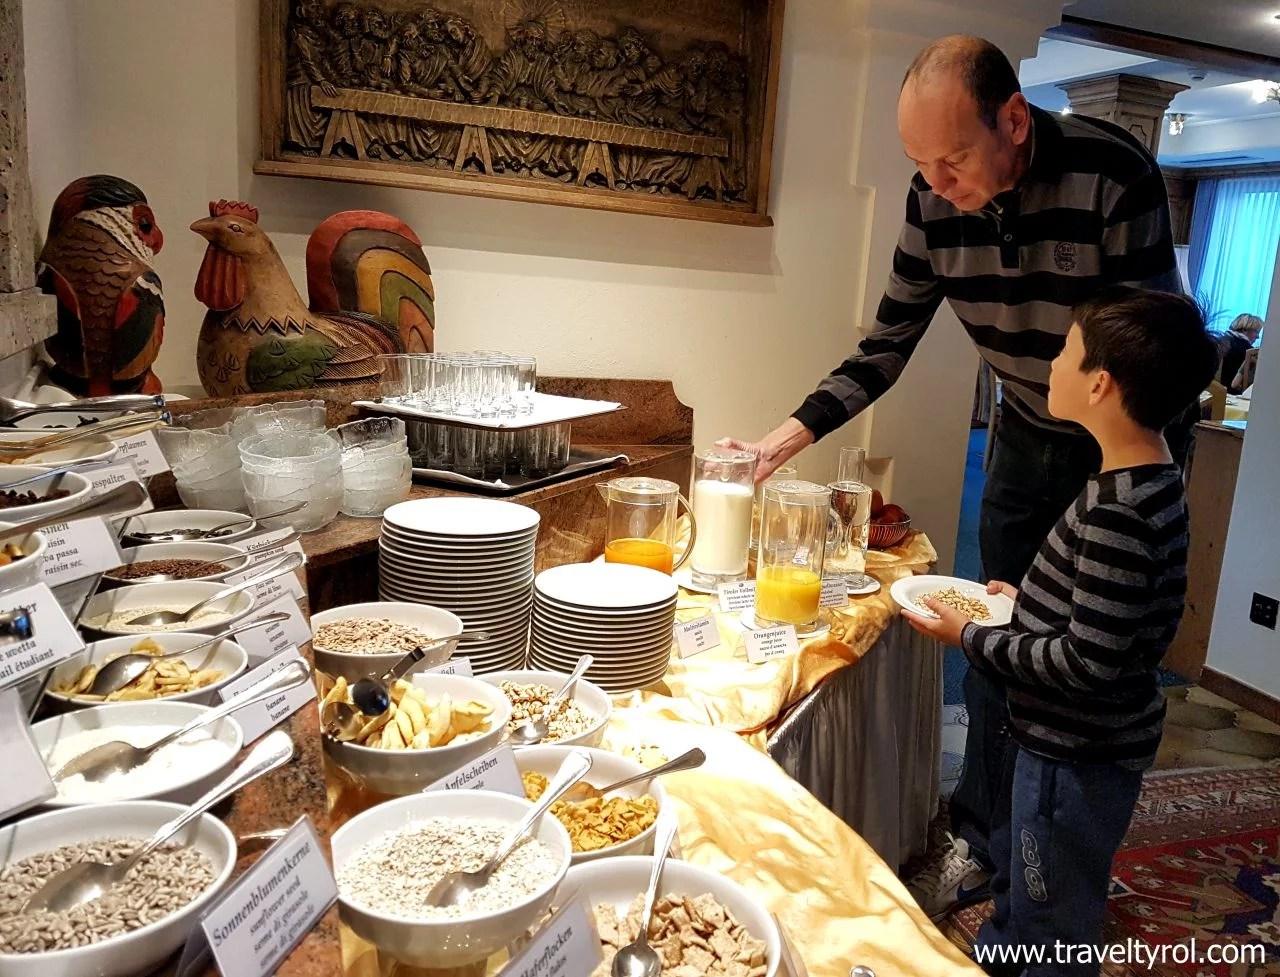 Hotel Serles breakfast room